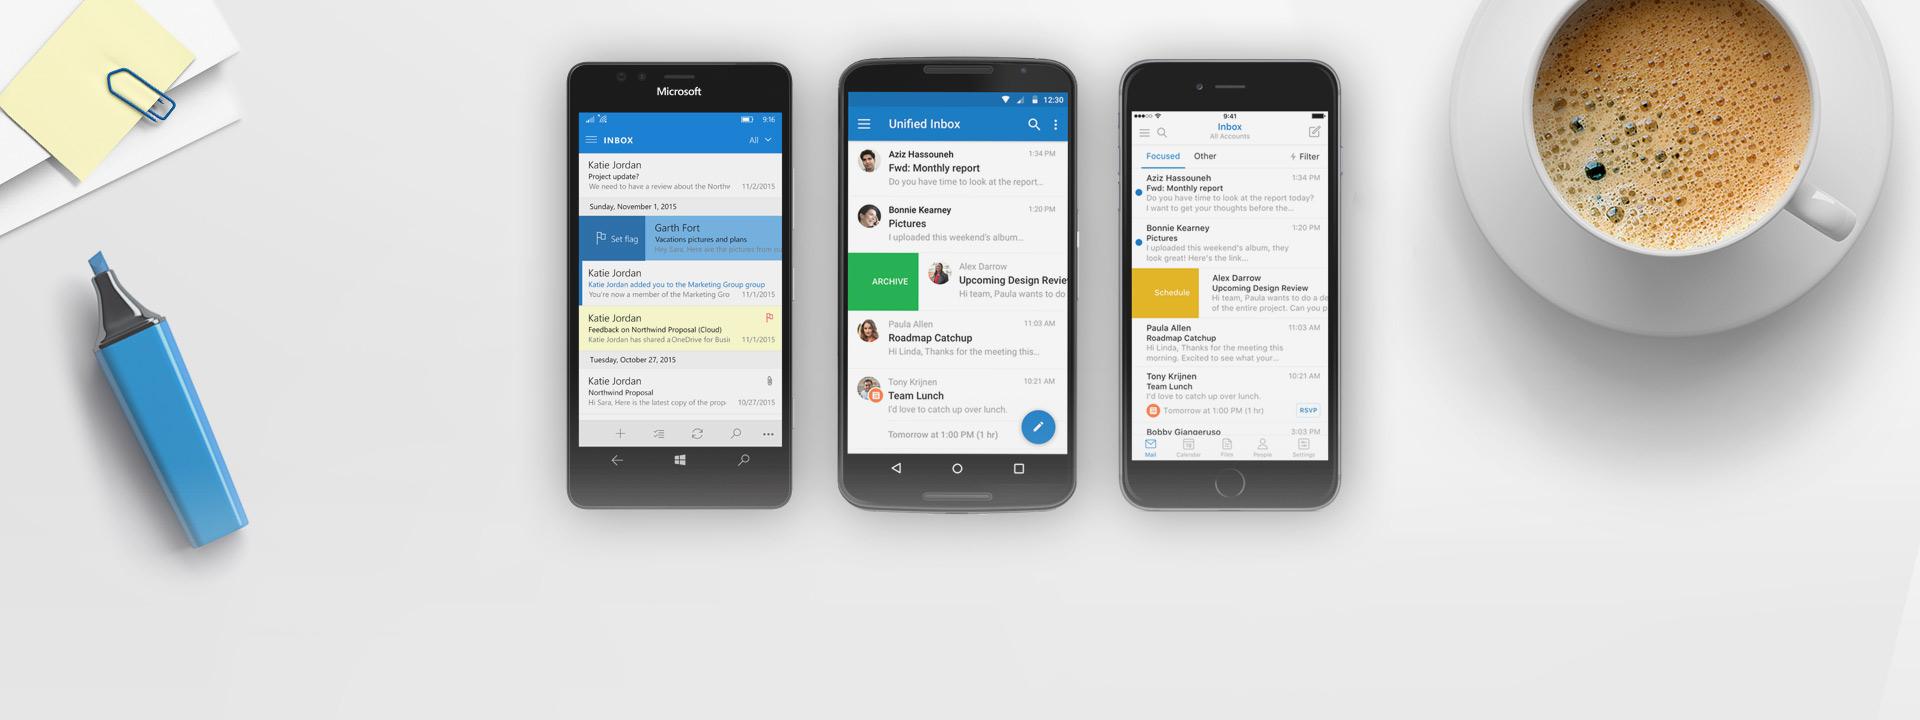 WindowsPhone, iPhone et téléphone Android dotés de l'application Outlook